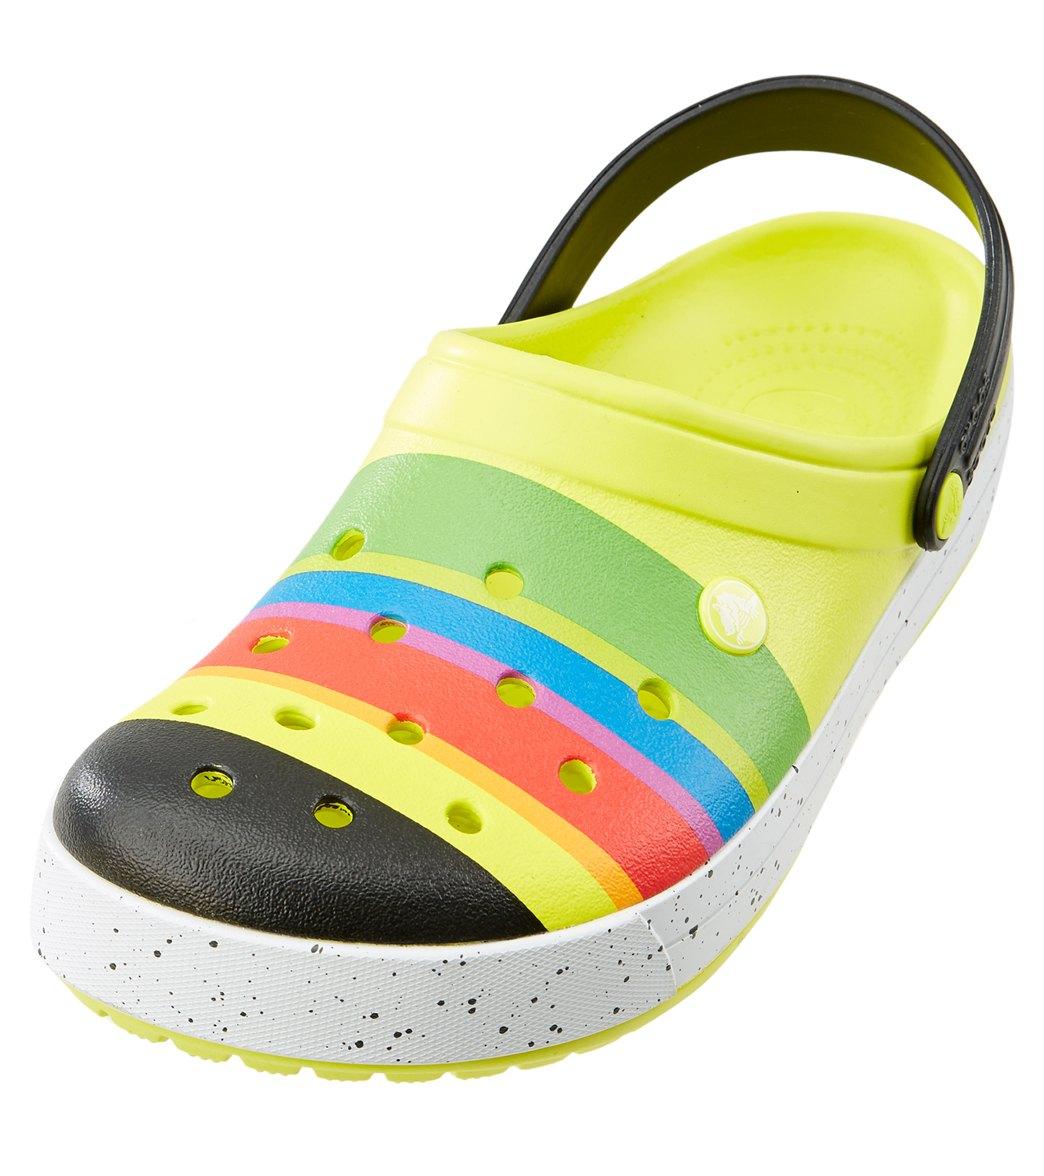 505a5333034 Crocs Crocband Burst Clog at SwimOutlet.com